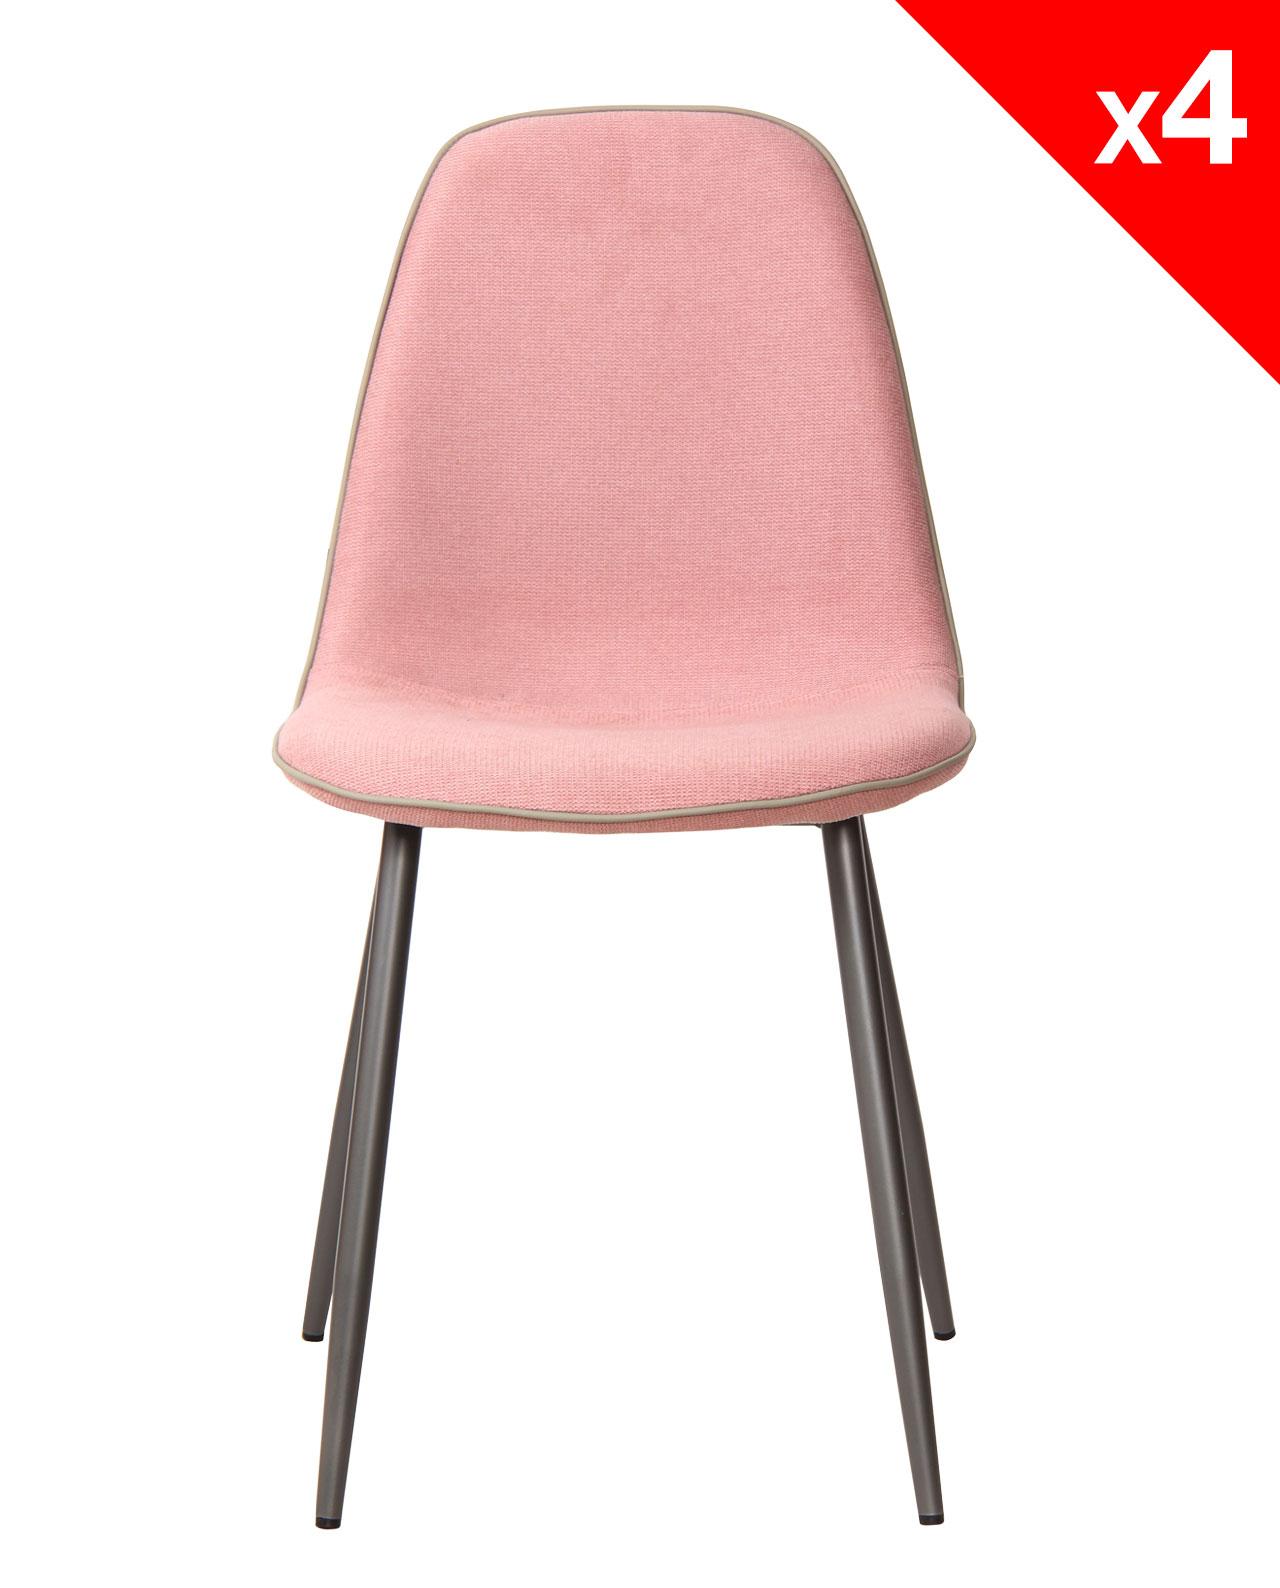 Chaises design tissu et m tal lot de 4 184 9 roxy for Chaise sejour moderne